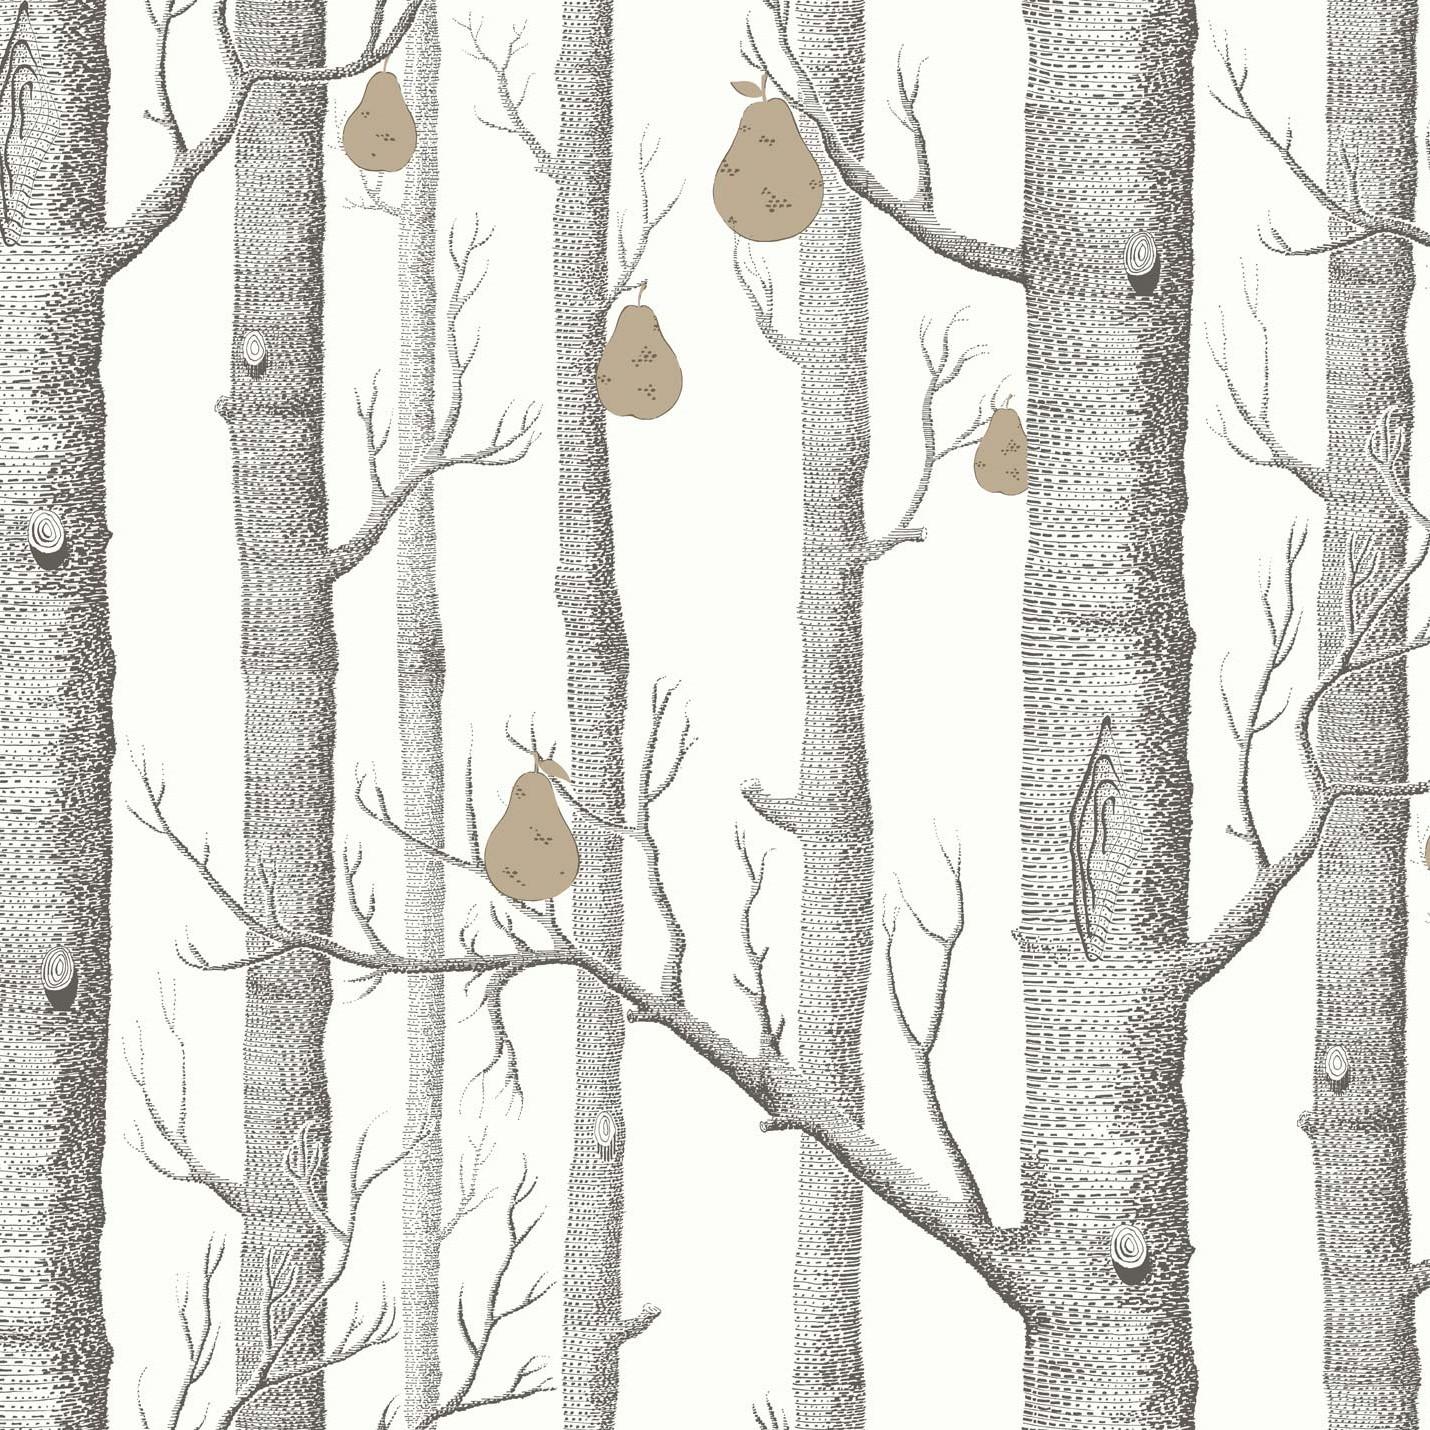 Woods Pears Enfants Papiers Peints Le Boudoir Des Etoffes